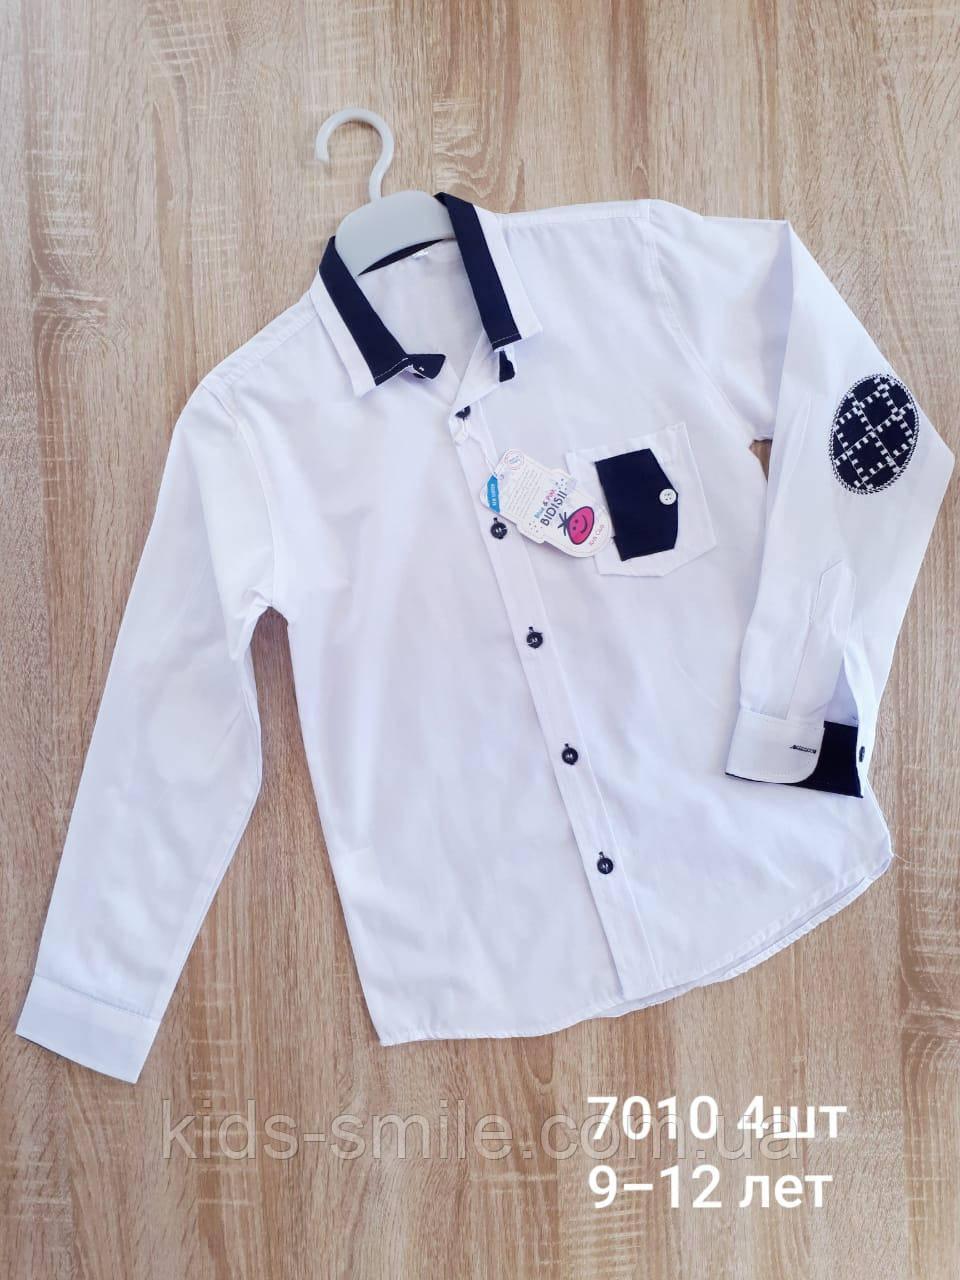 Рубашки подростковые  (С 9-12 лет)